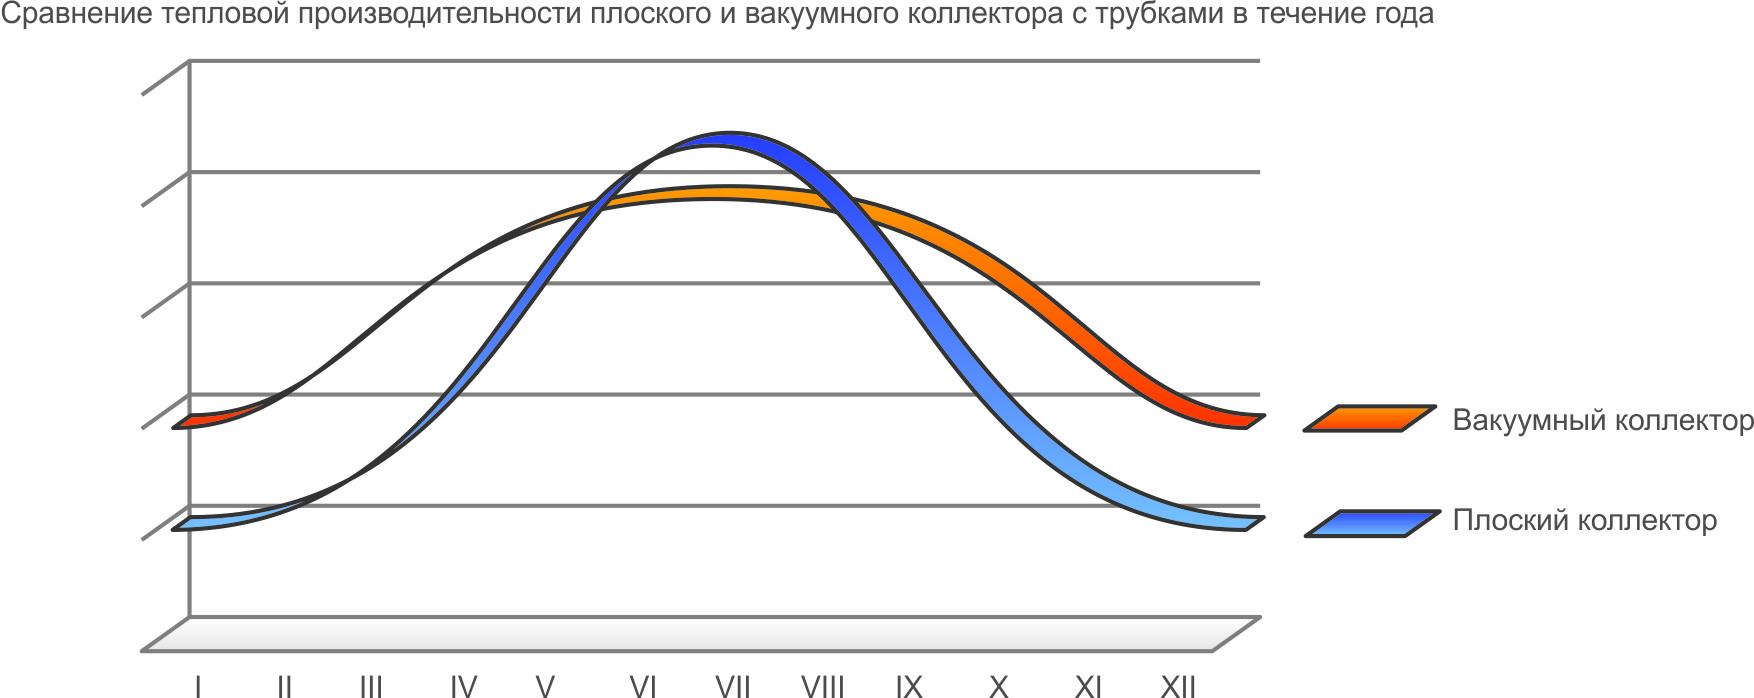 Графік роботи сонячних колекторів